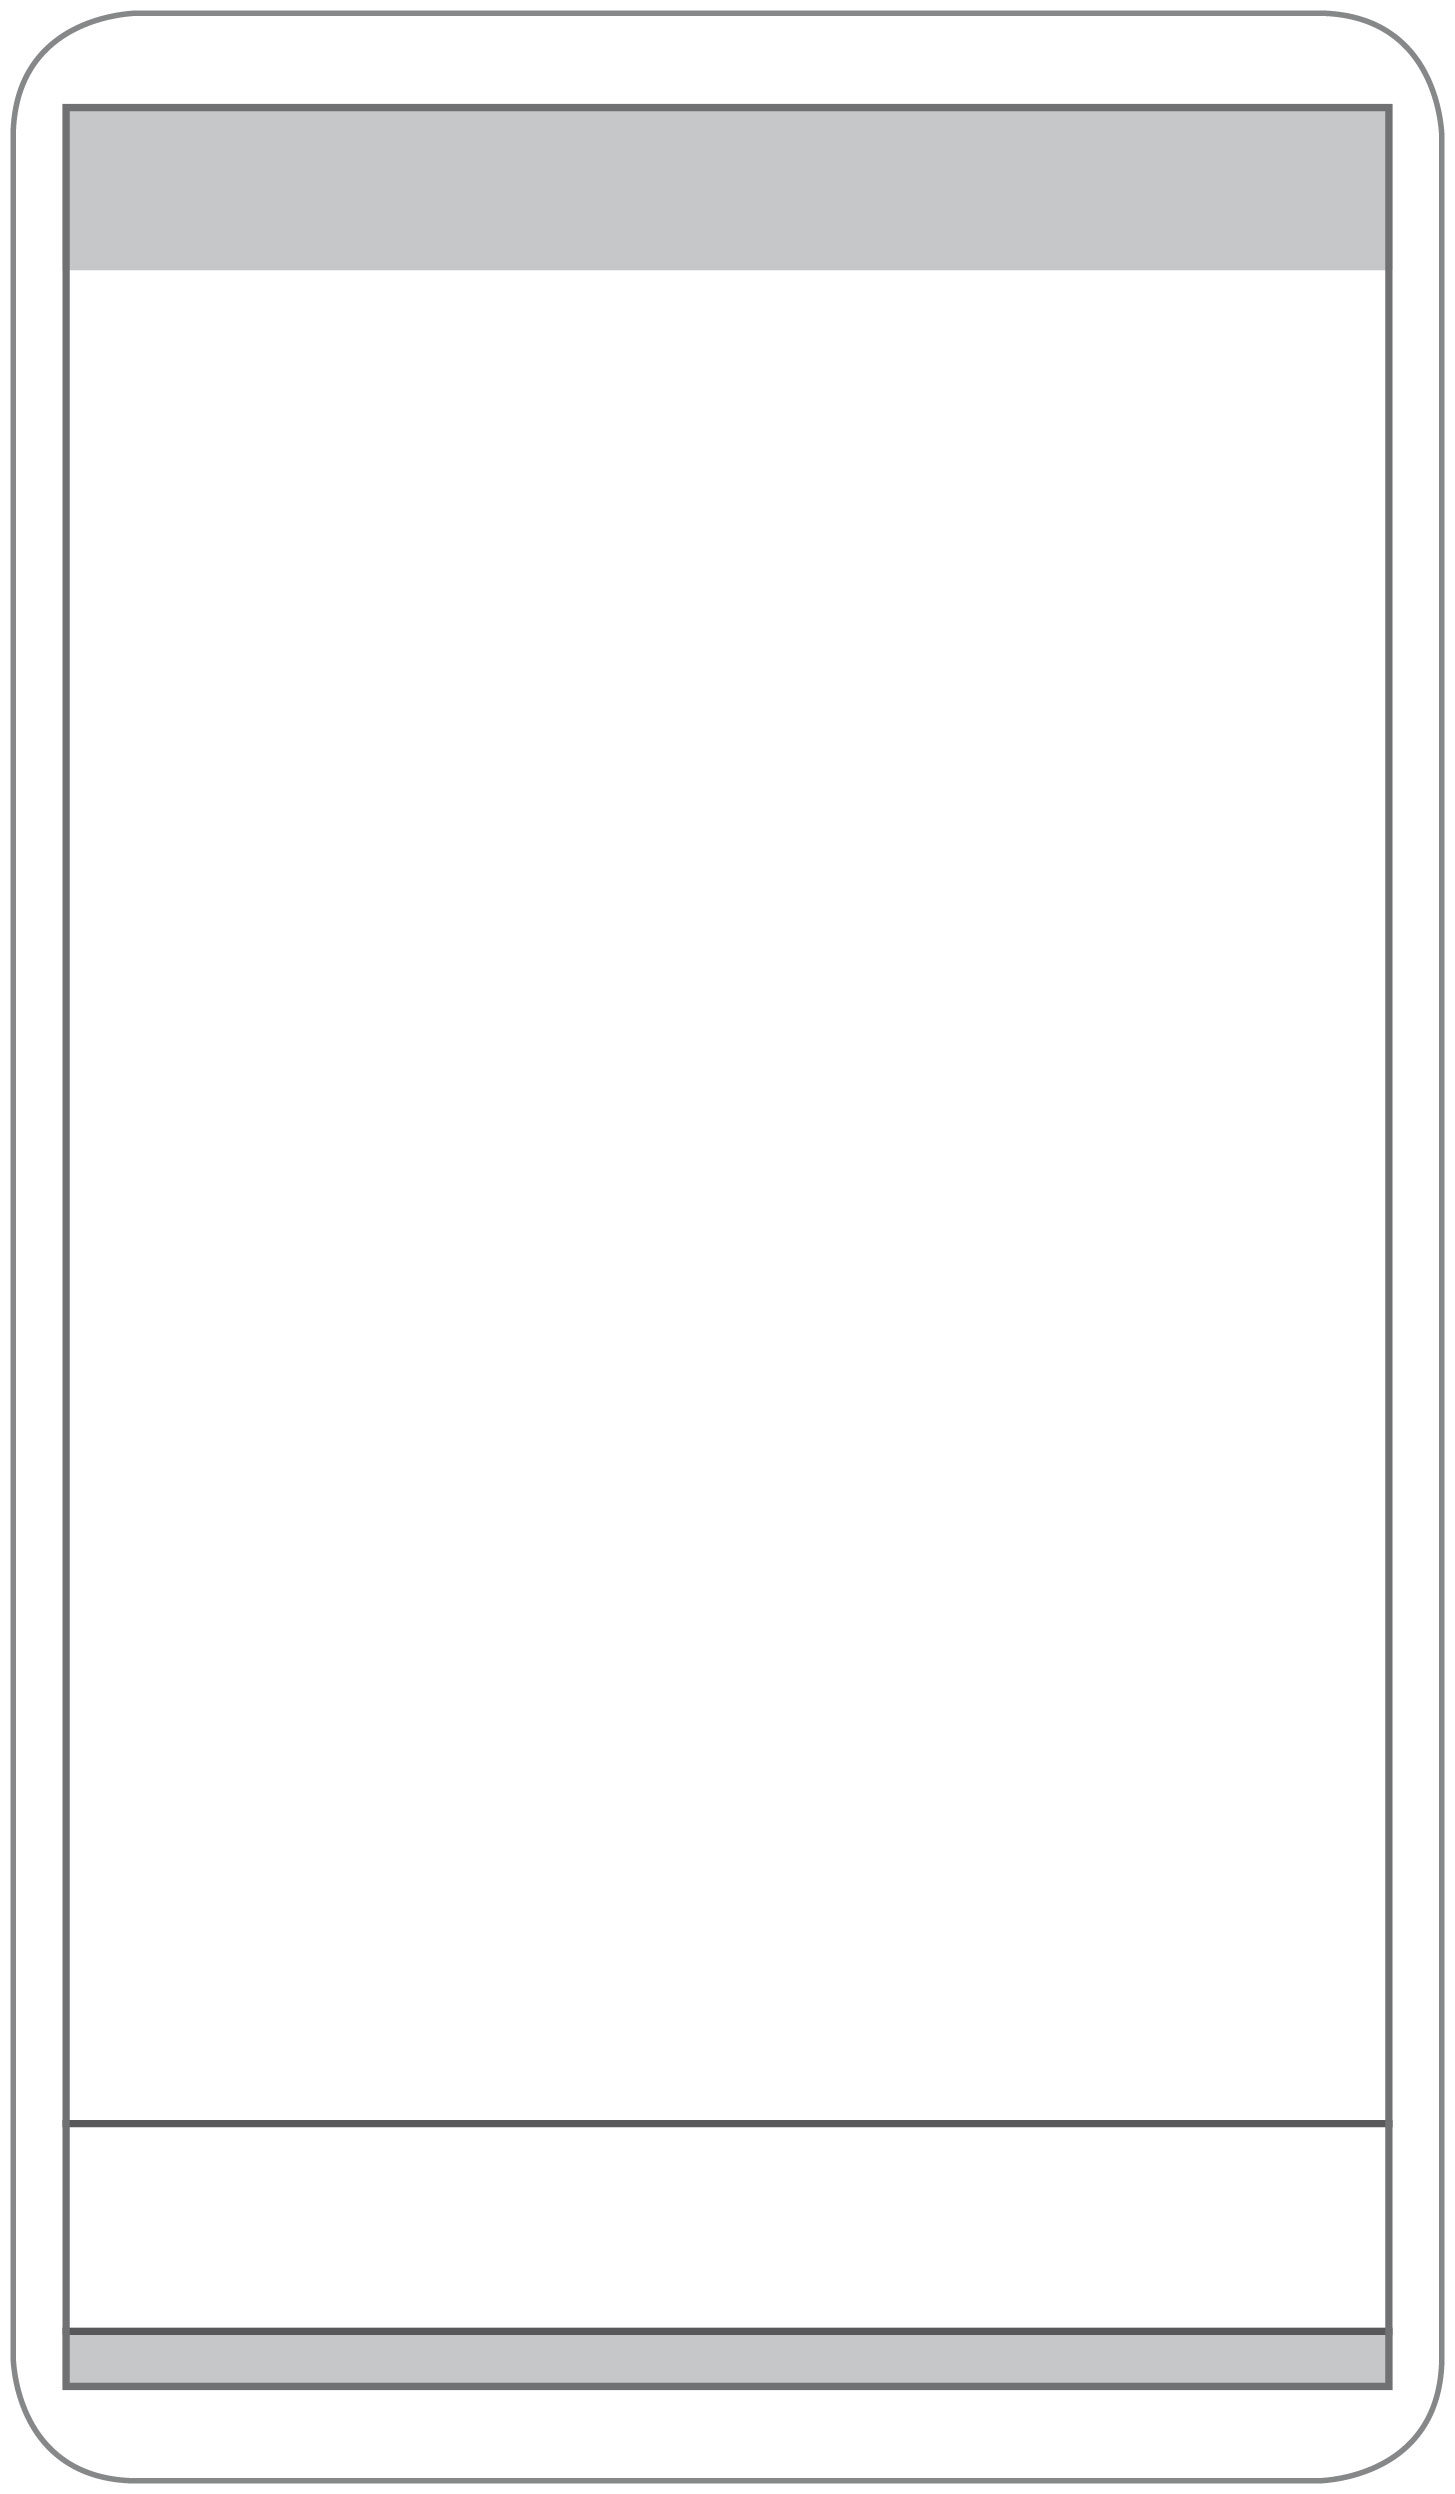 Karten Beziehung: Blanko-Karte zum Ergänzen